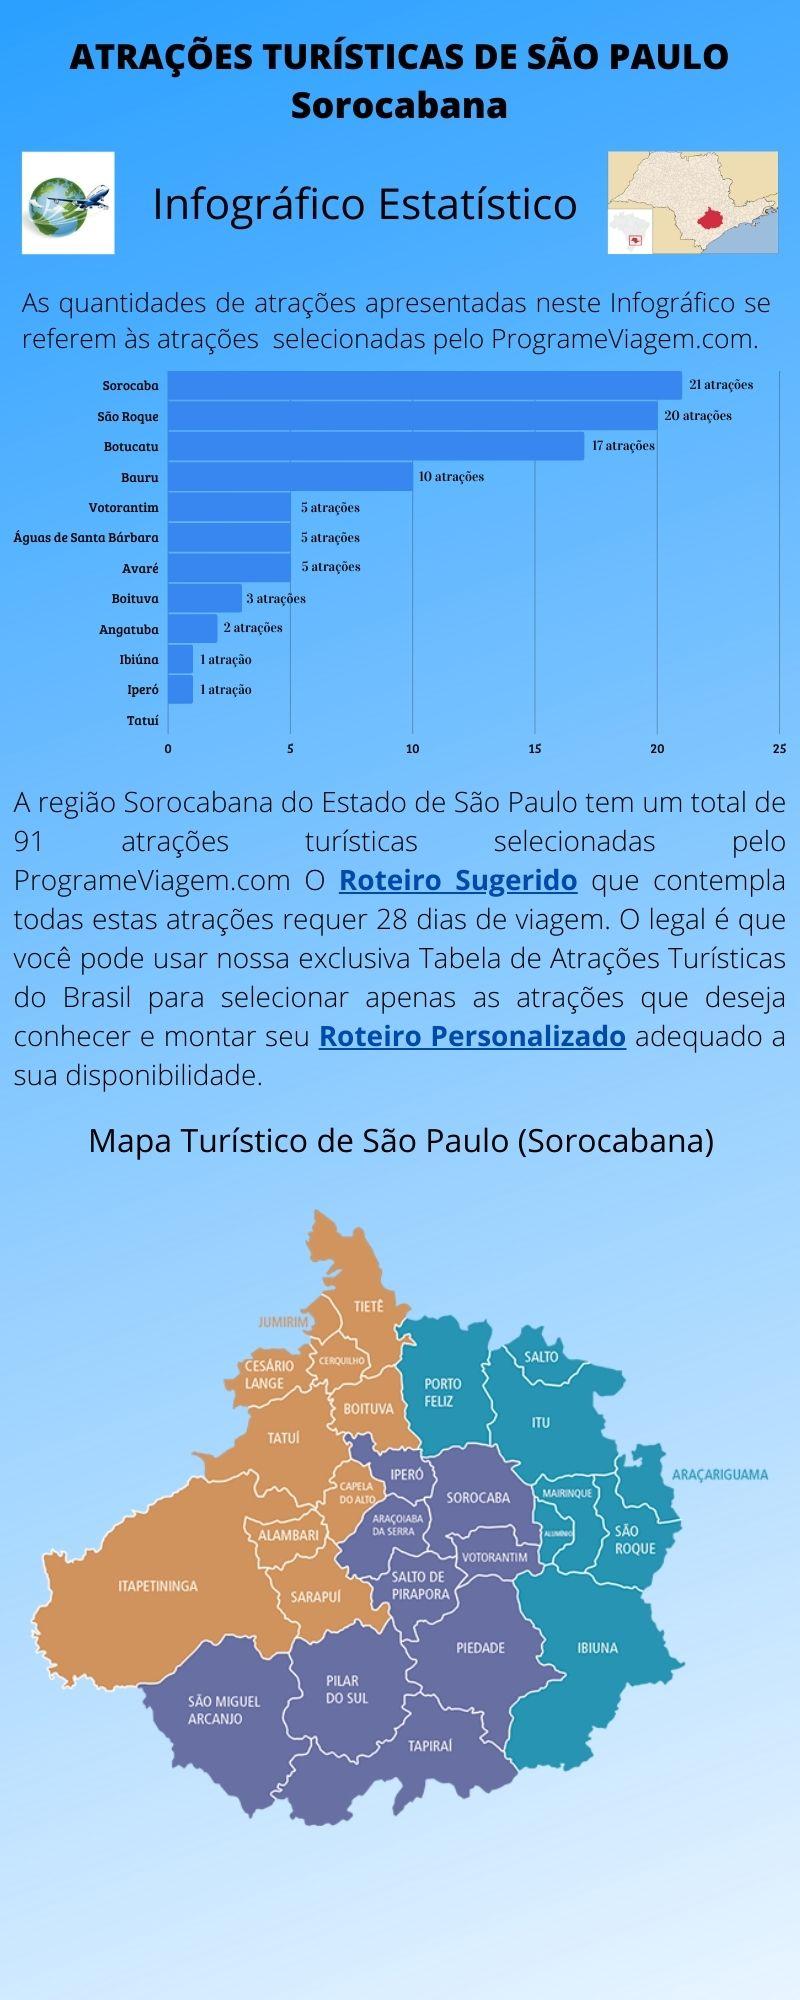 Infográfico Atrações Turísticas de São Paulo (Sorocabana)